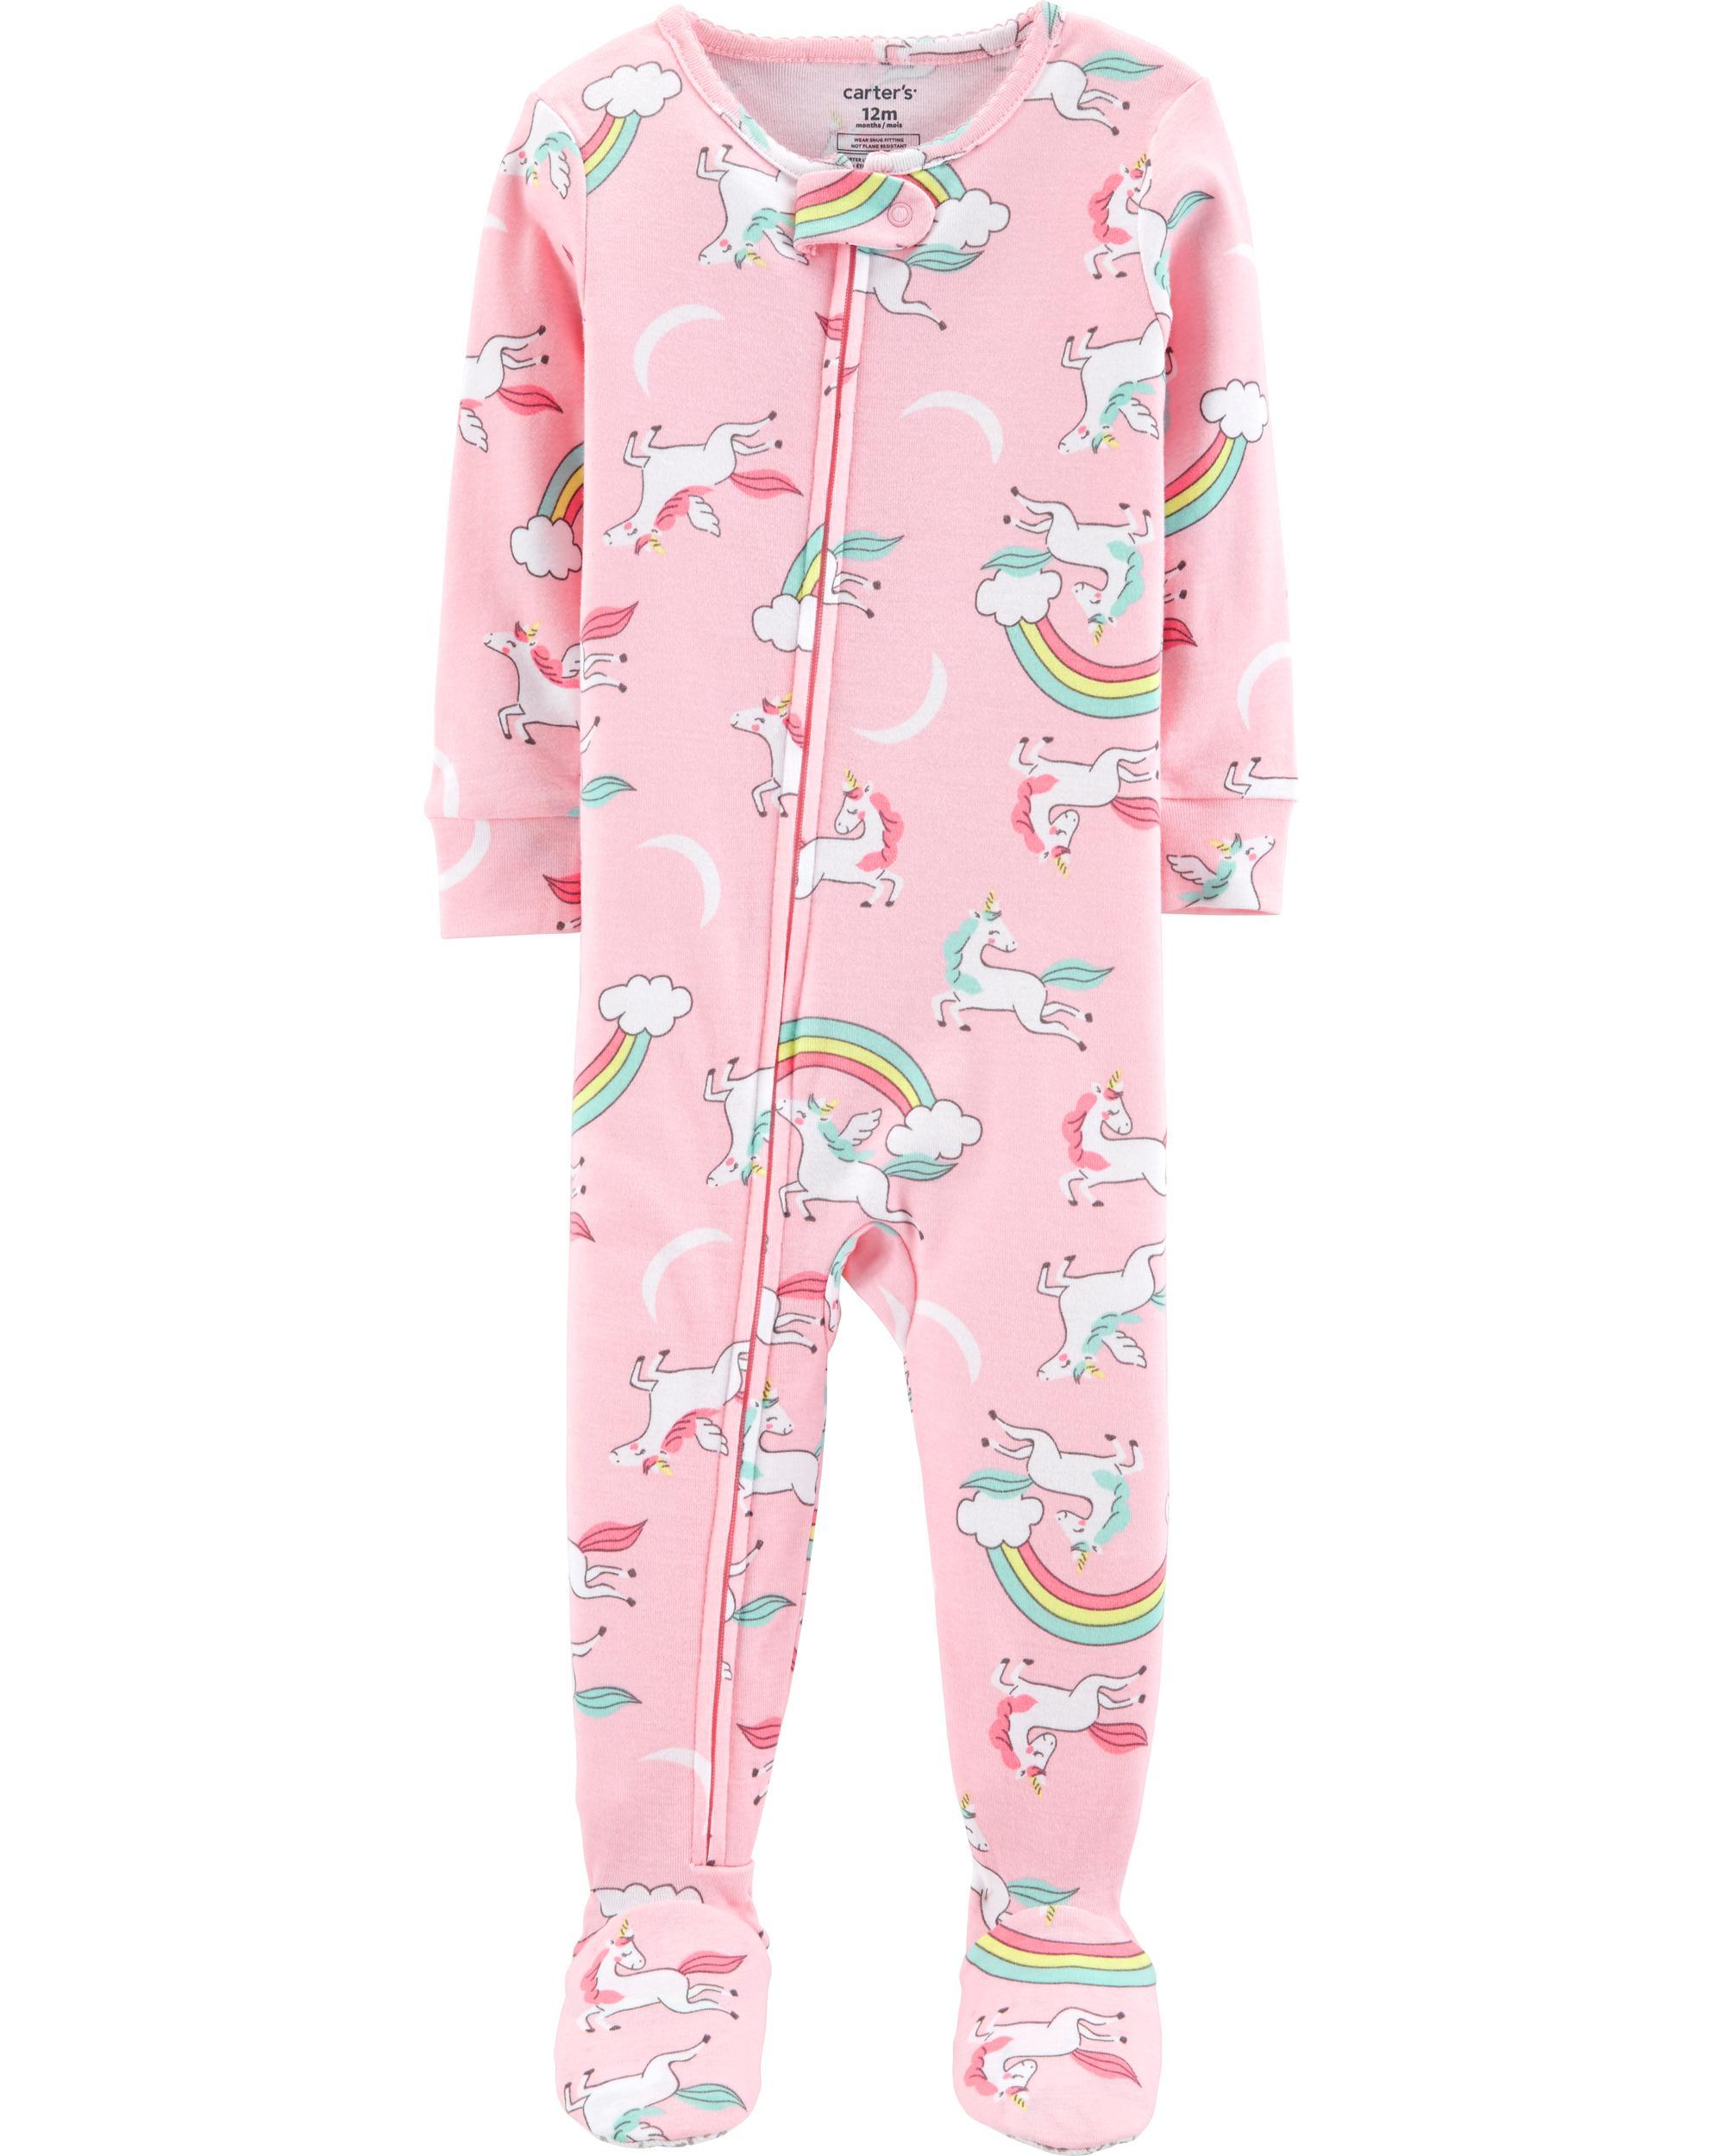 Carters Girls Unicorn /& Rainbow Pajamas Carter's Pyjamas SO CUTE